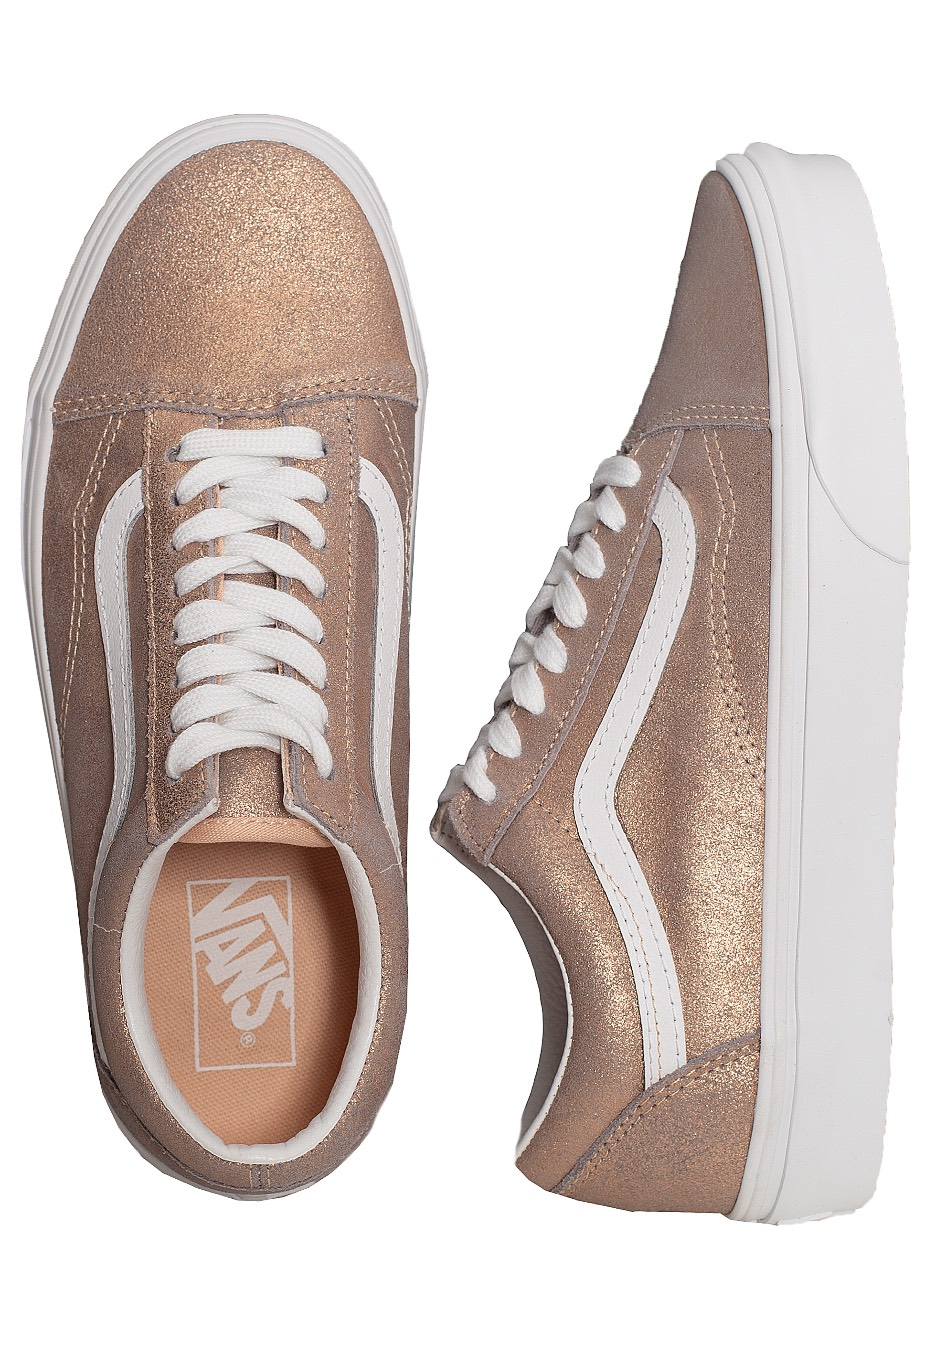 Vans Old Skool Rose GoldRose Gold Schuhe